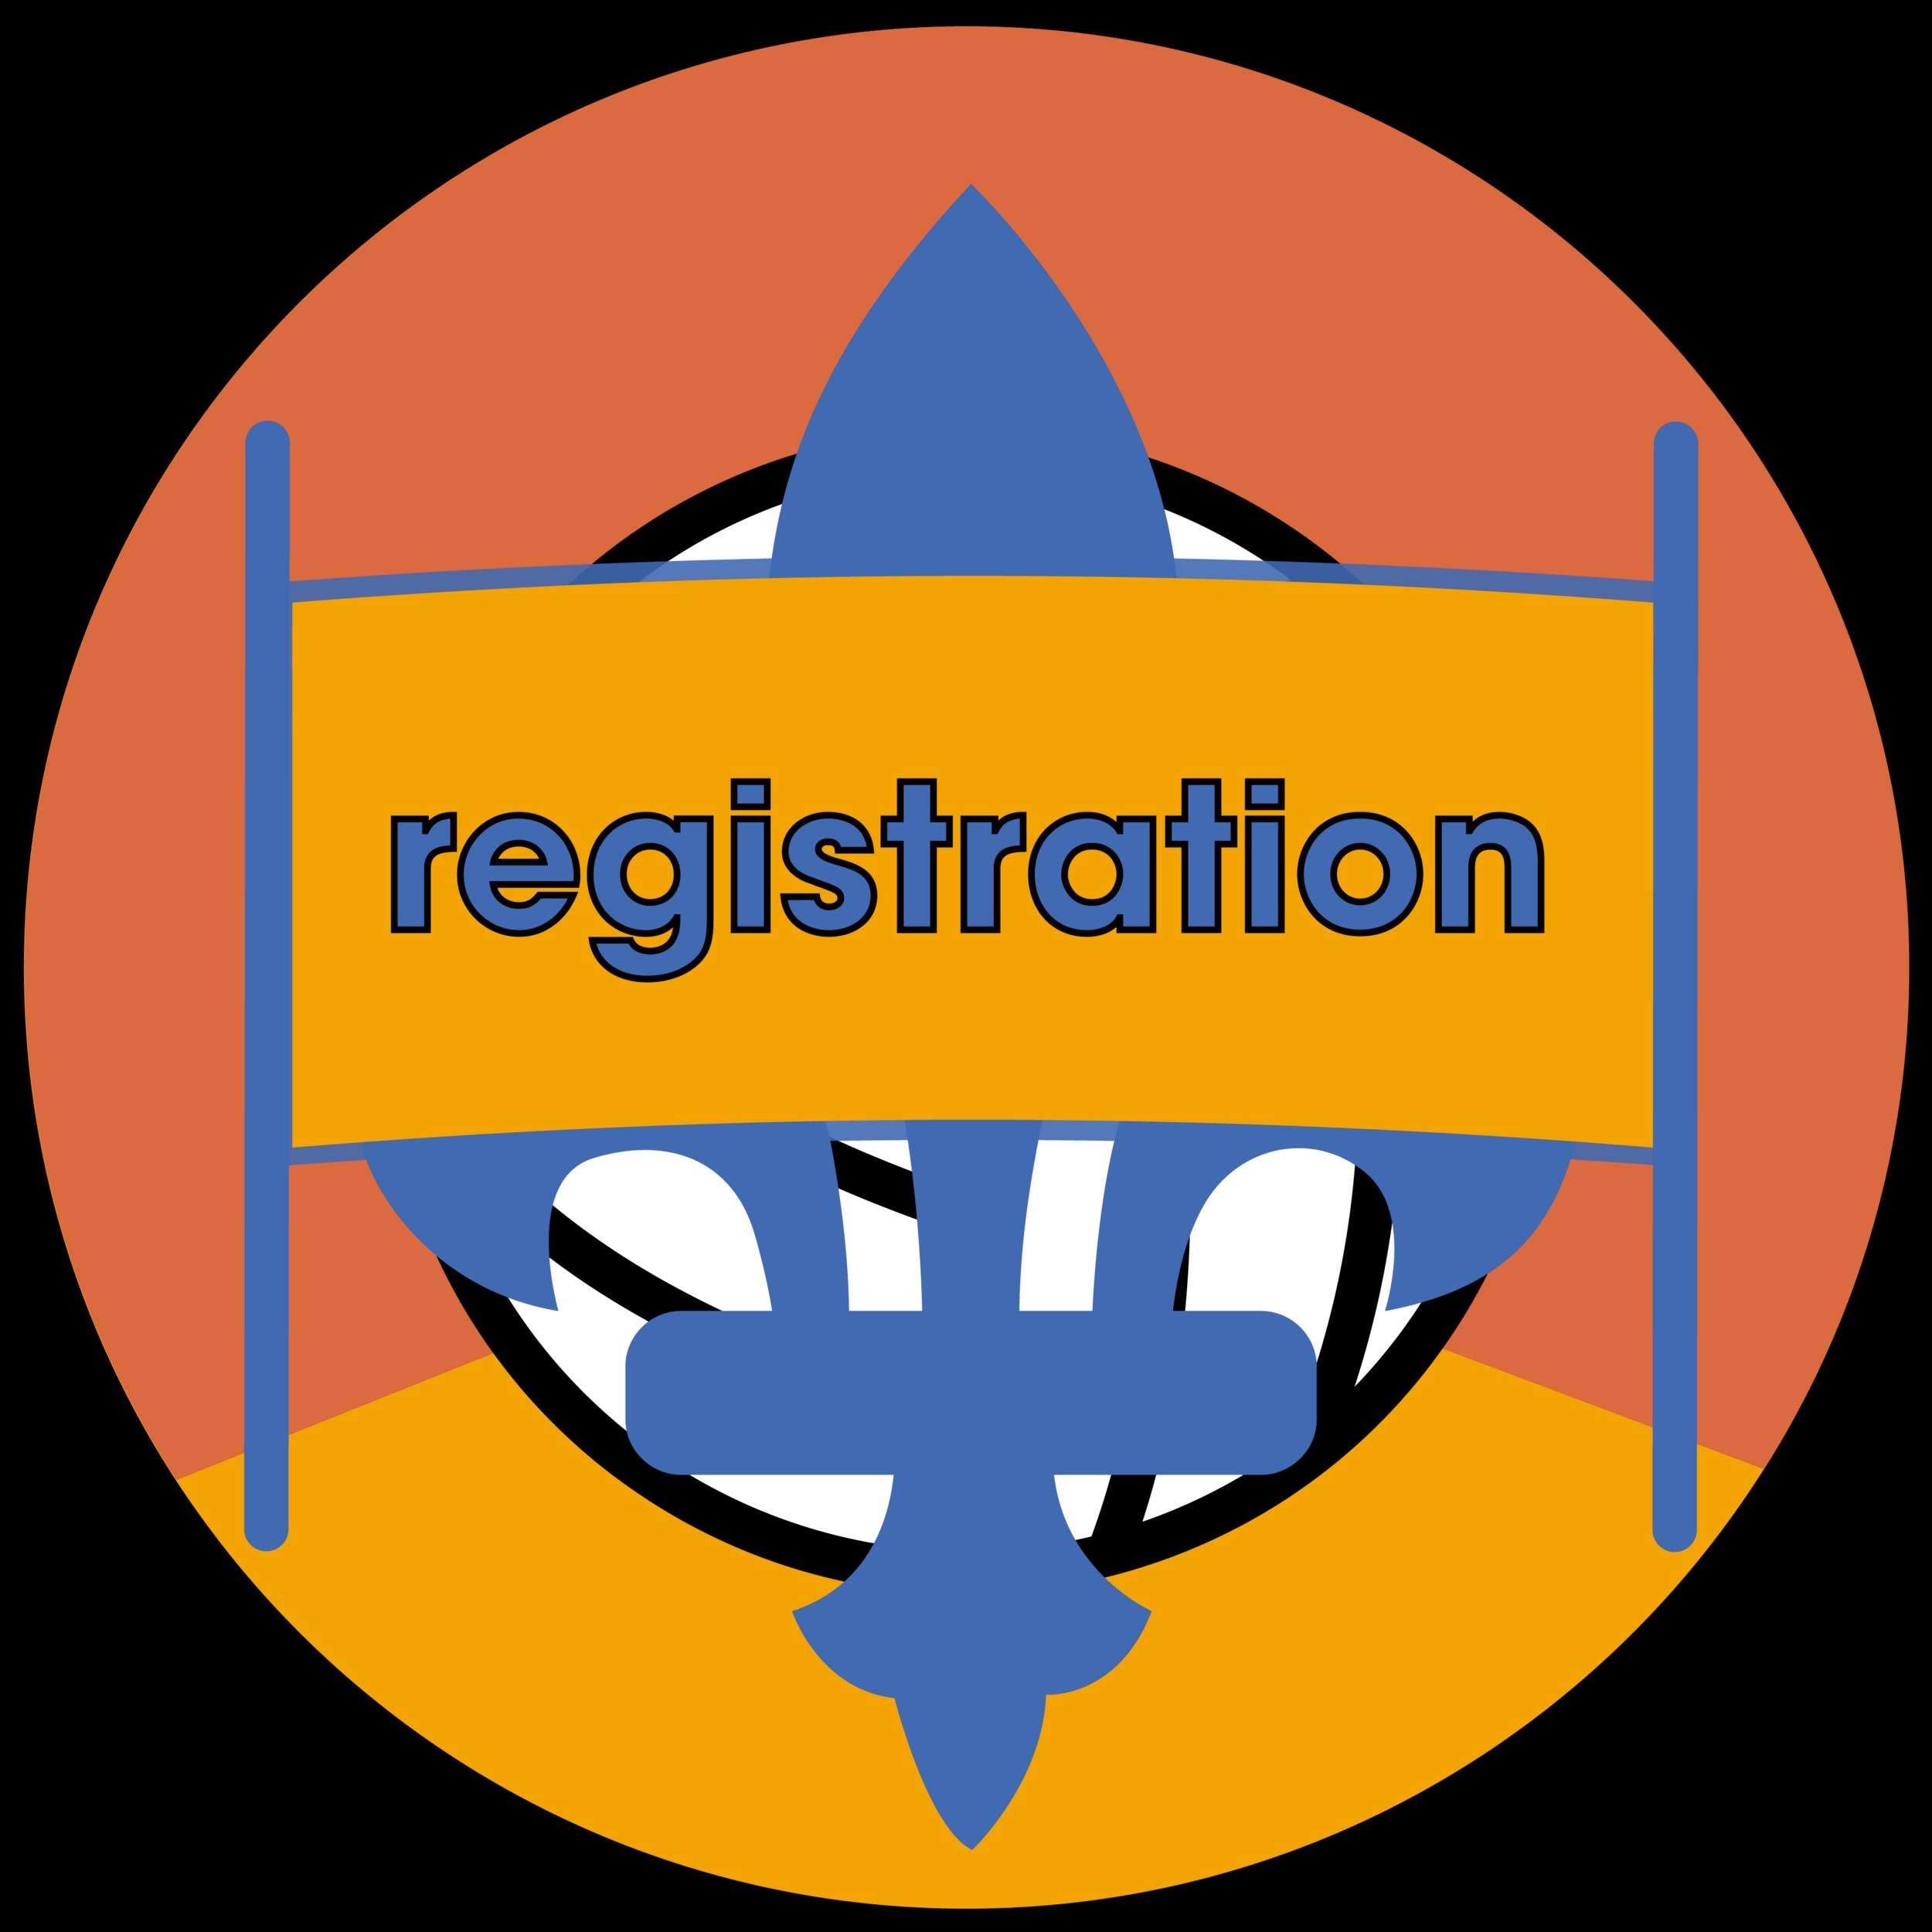 Challenger_Celtique_LOGO_REGISTRATION.png